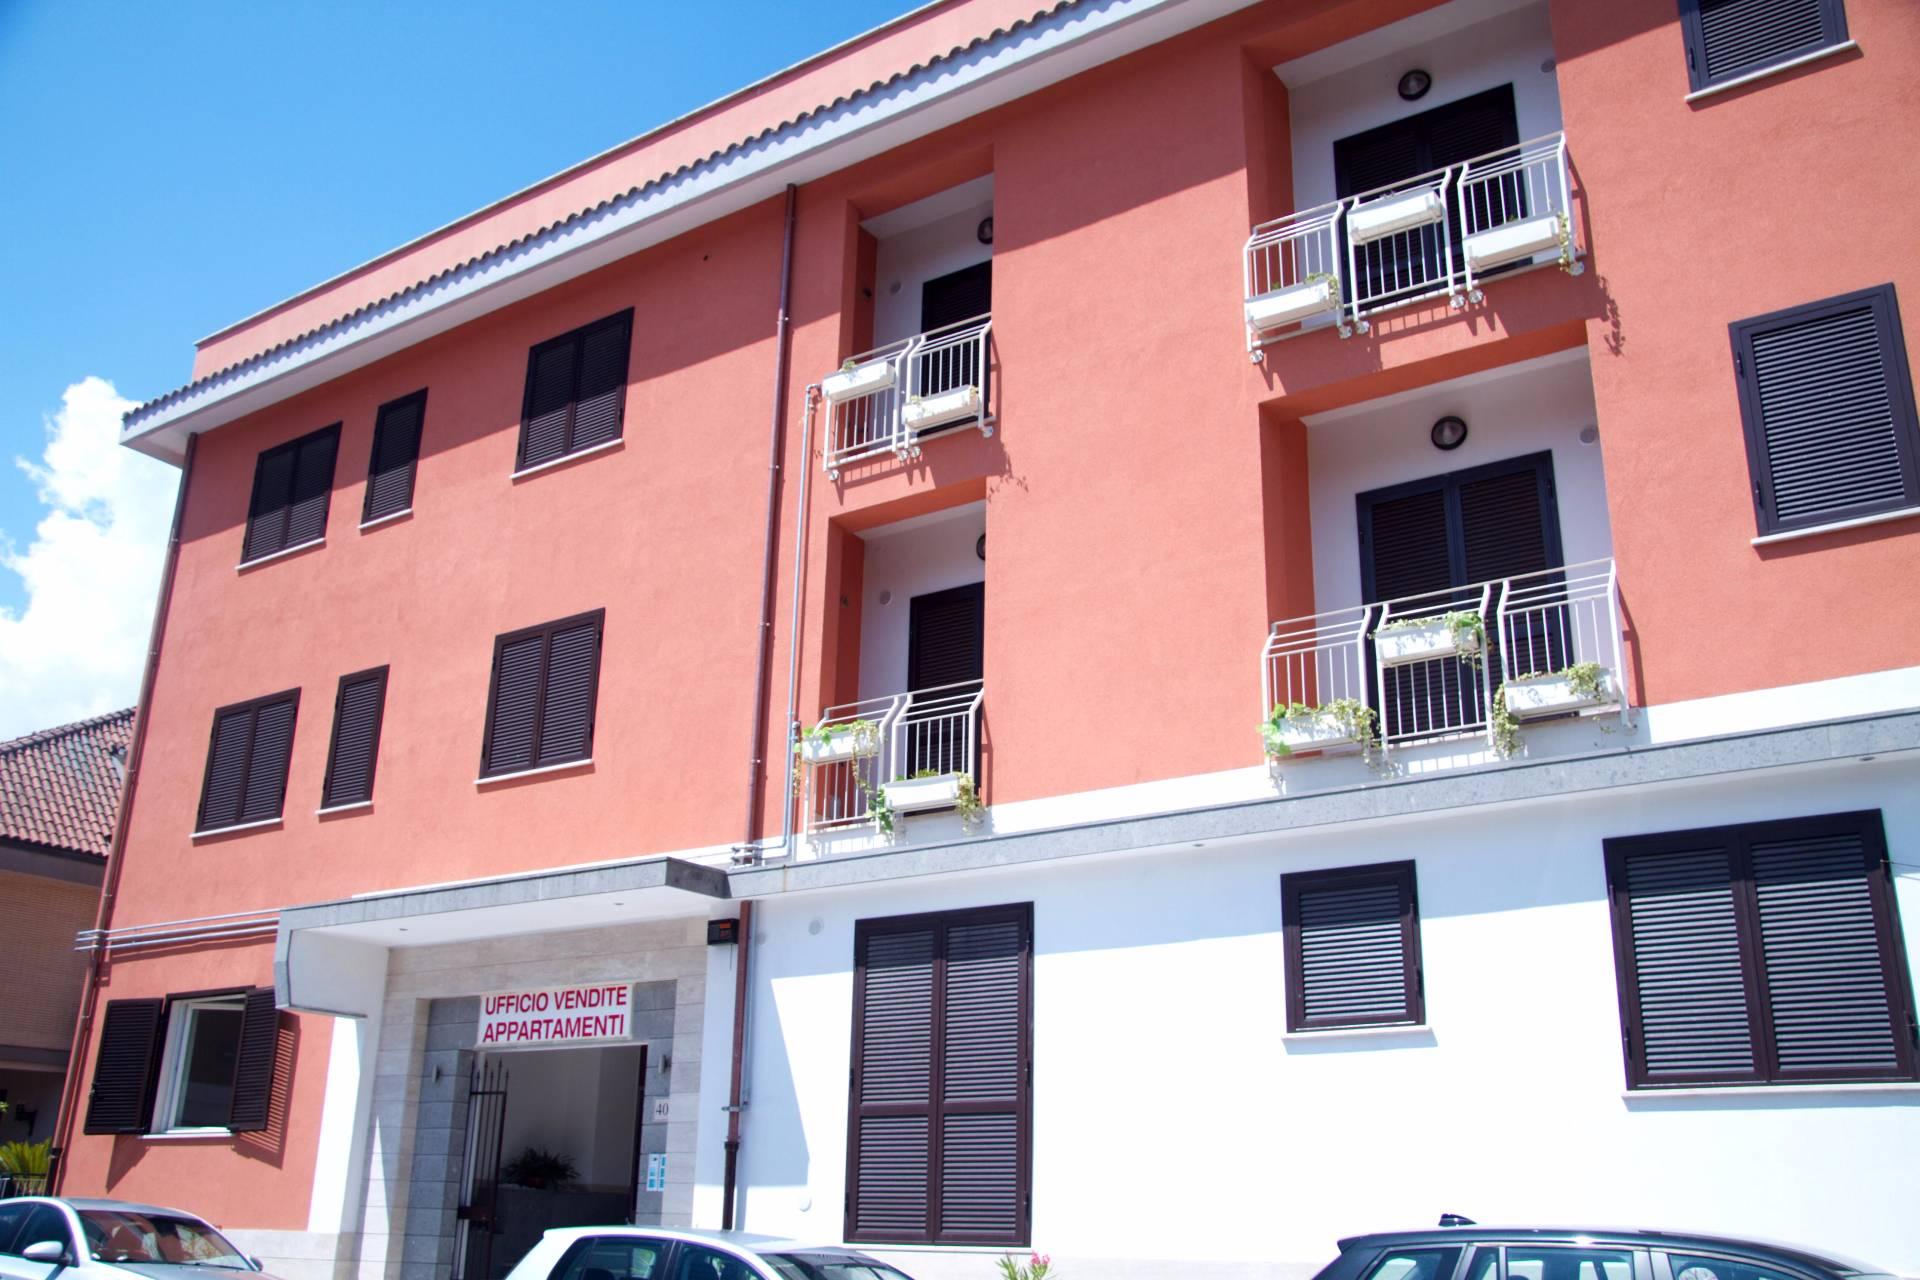 Attico / Mansarda in vendita a Colleferro, 3 locali, prezzo € 94.000 | Cambio Casa.it